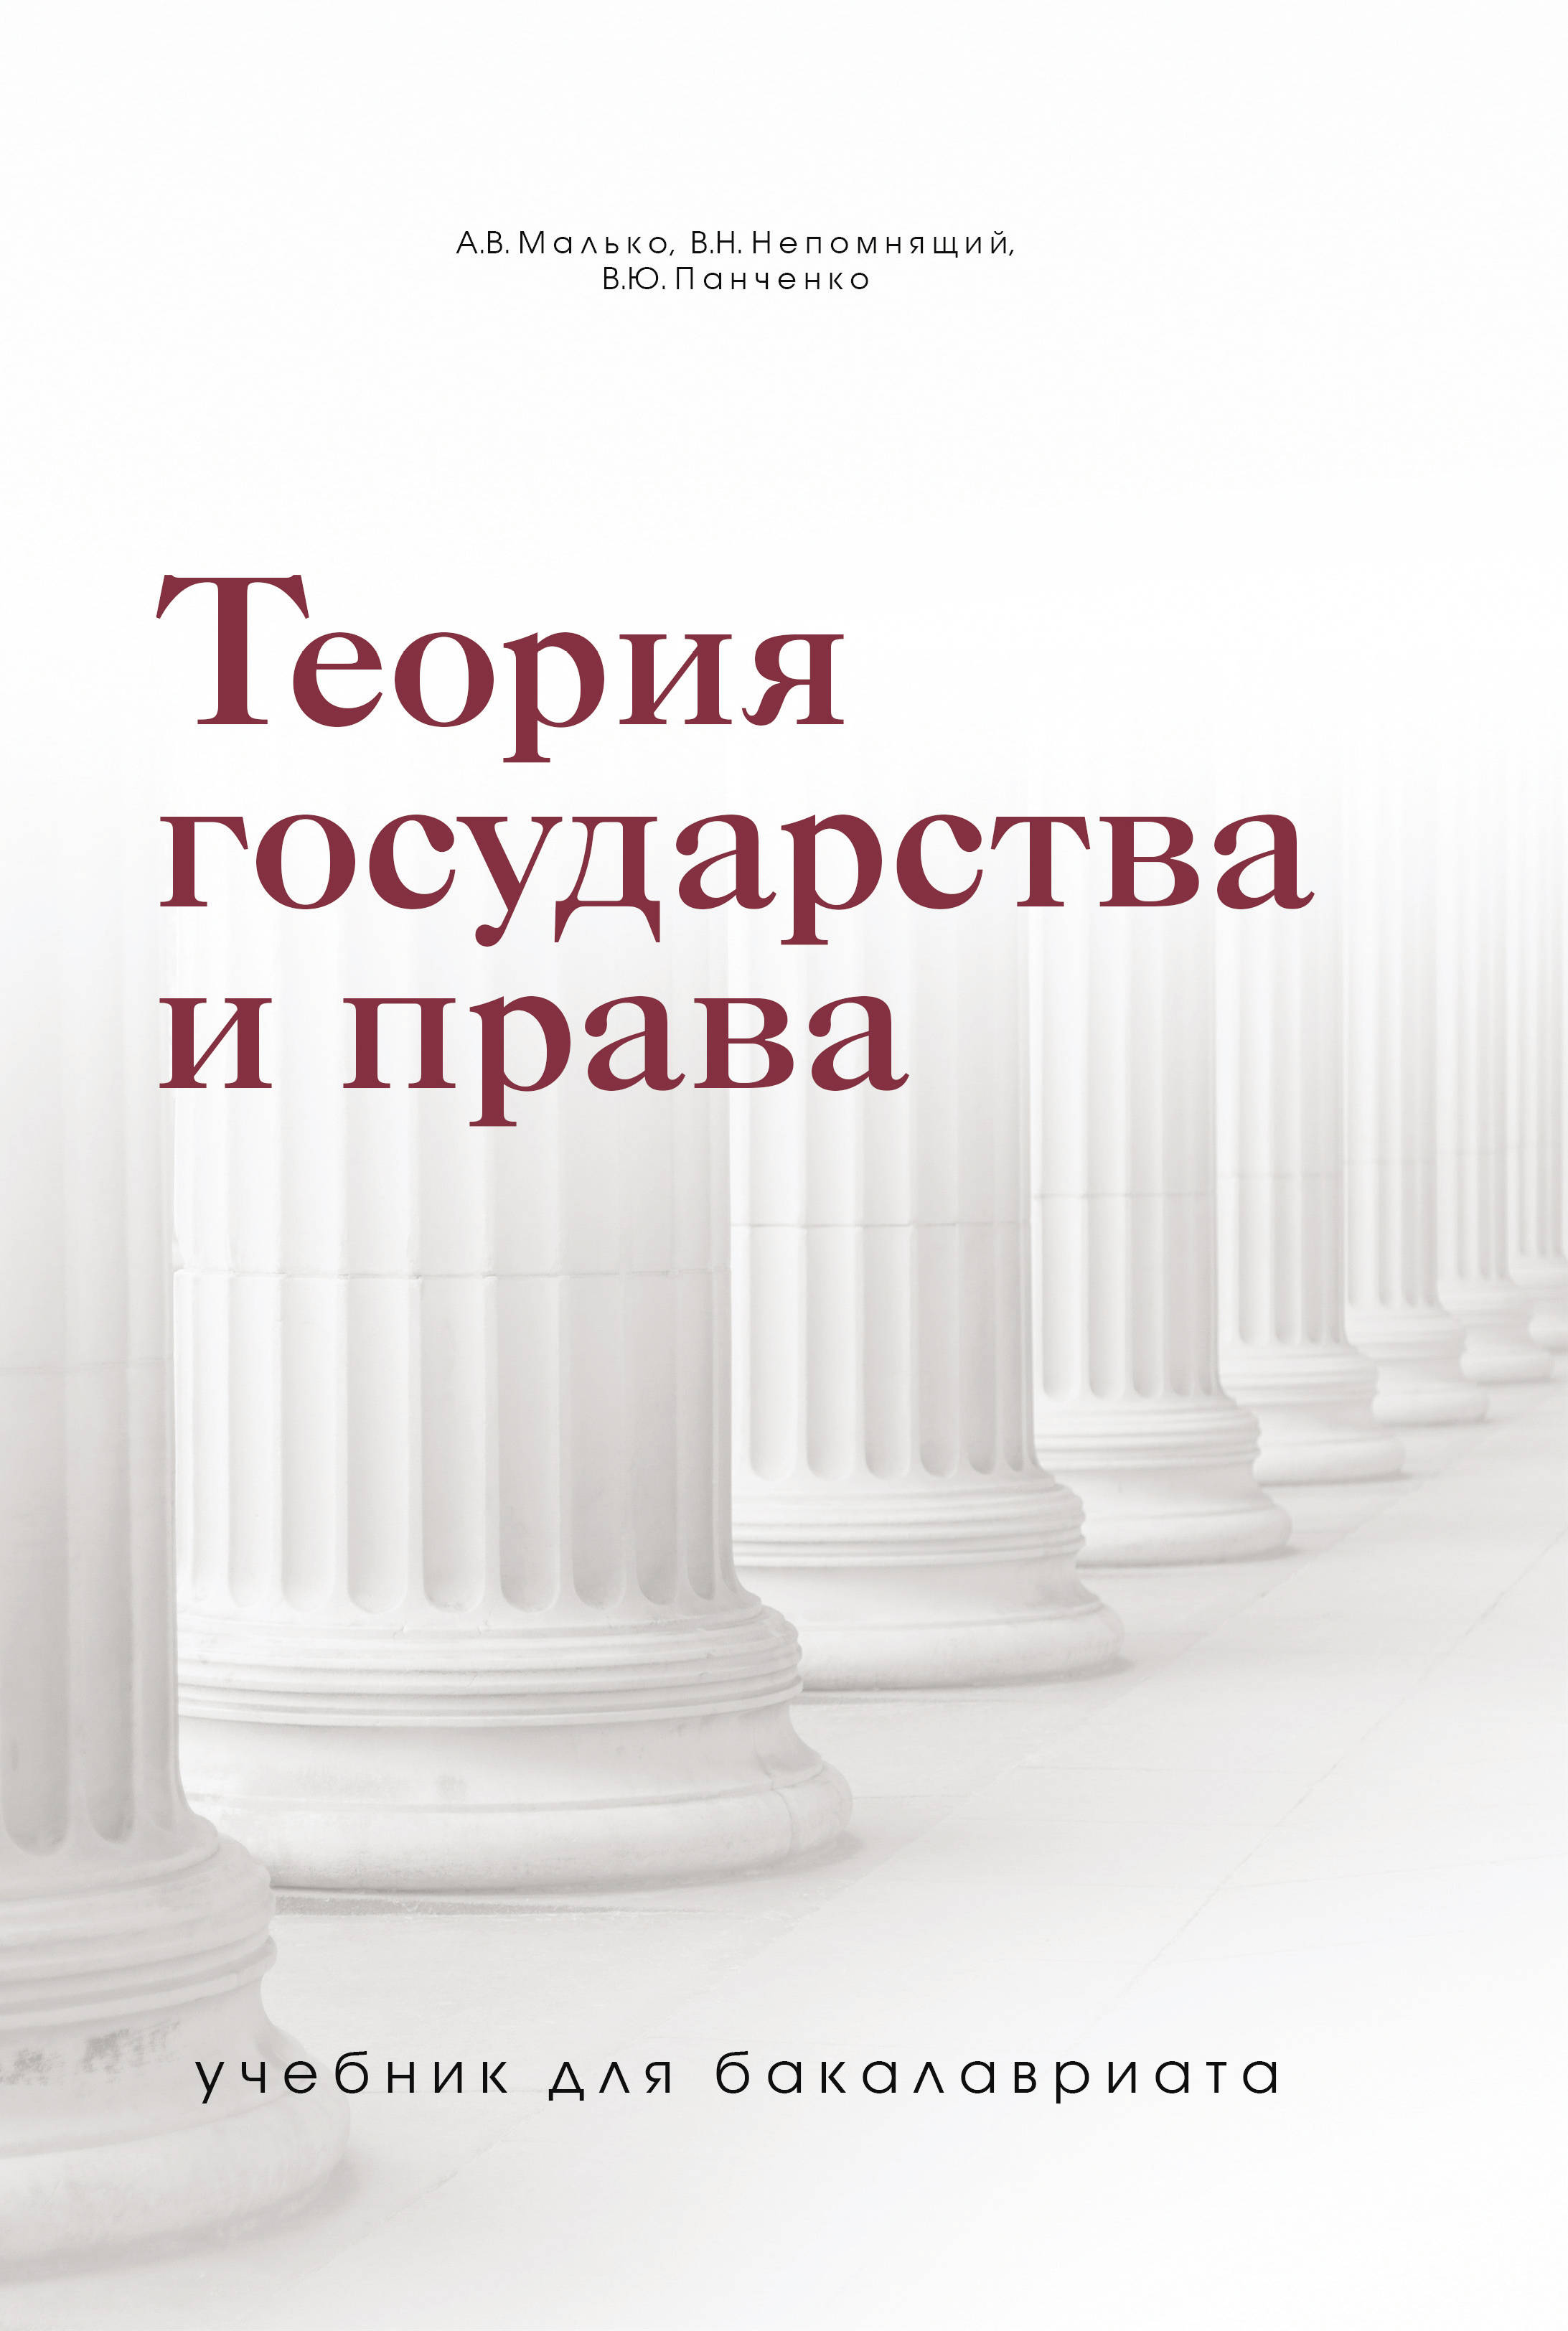 Teorija gosudarstva i prava. Uchebnik dlja bakalavriata